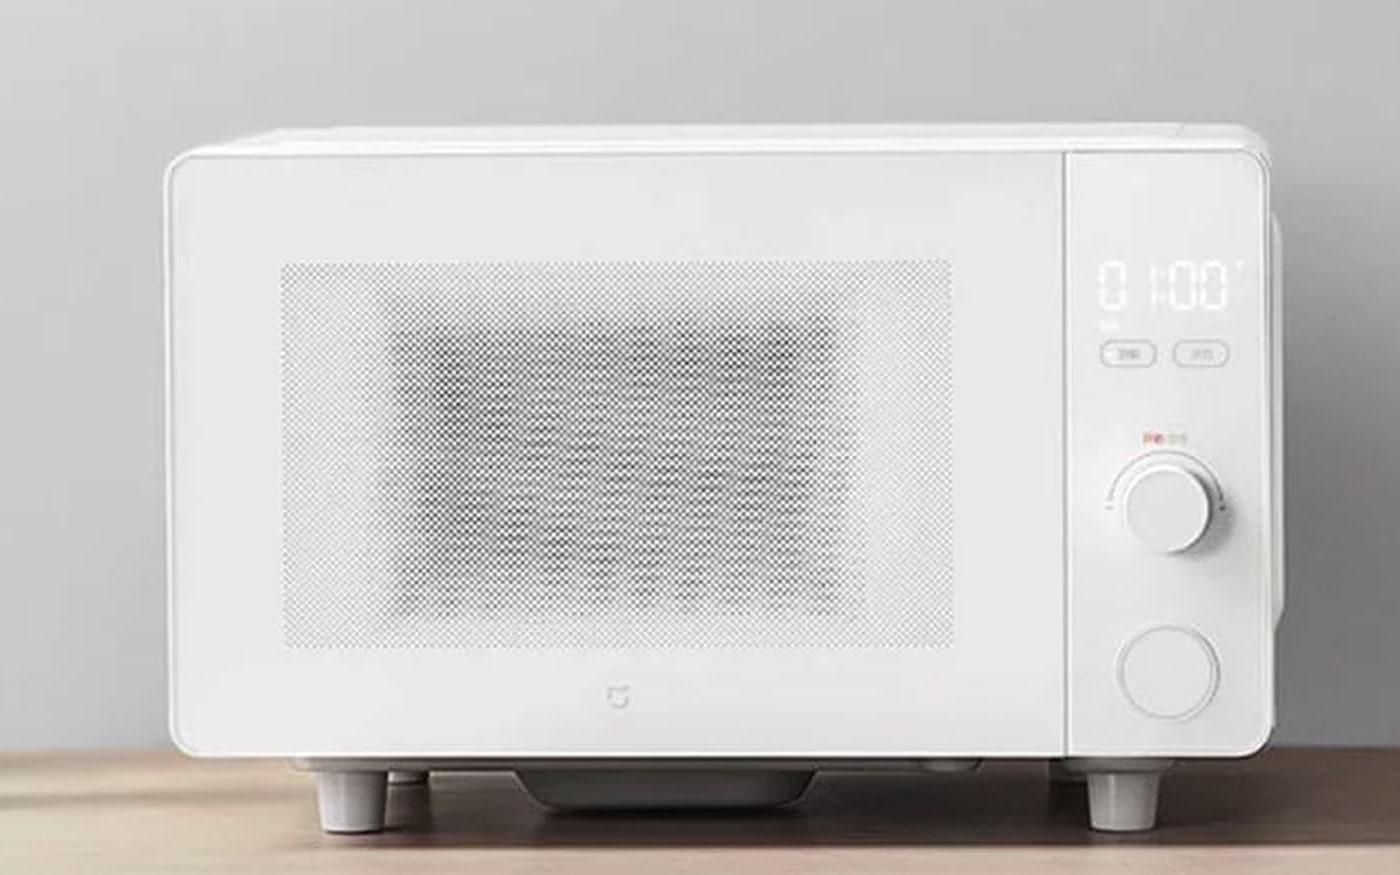 Conheça o Mijia Microwave Oven - microondas inteligente da Xiaomi que pode ser contolado por app e comando de voz